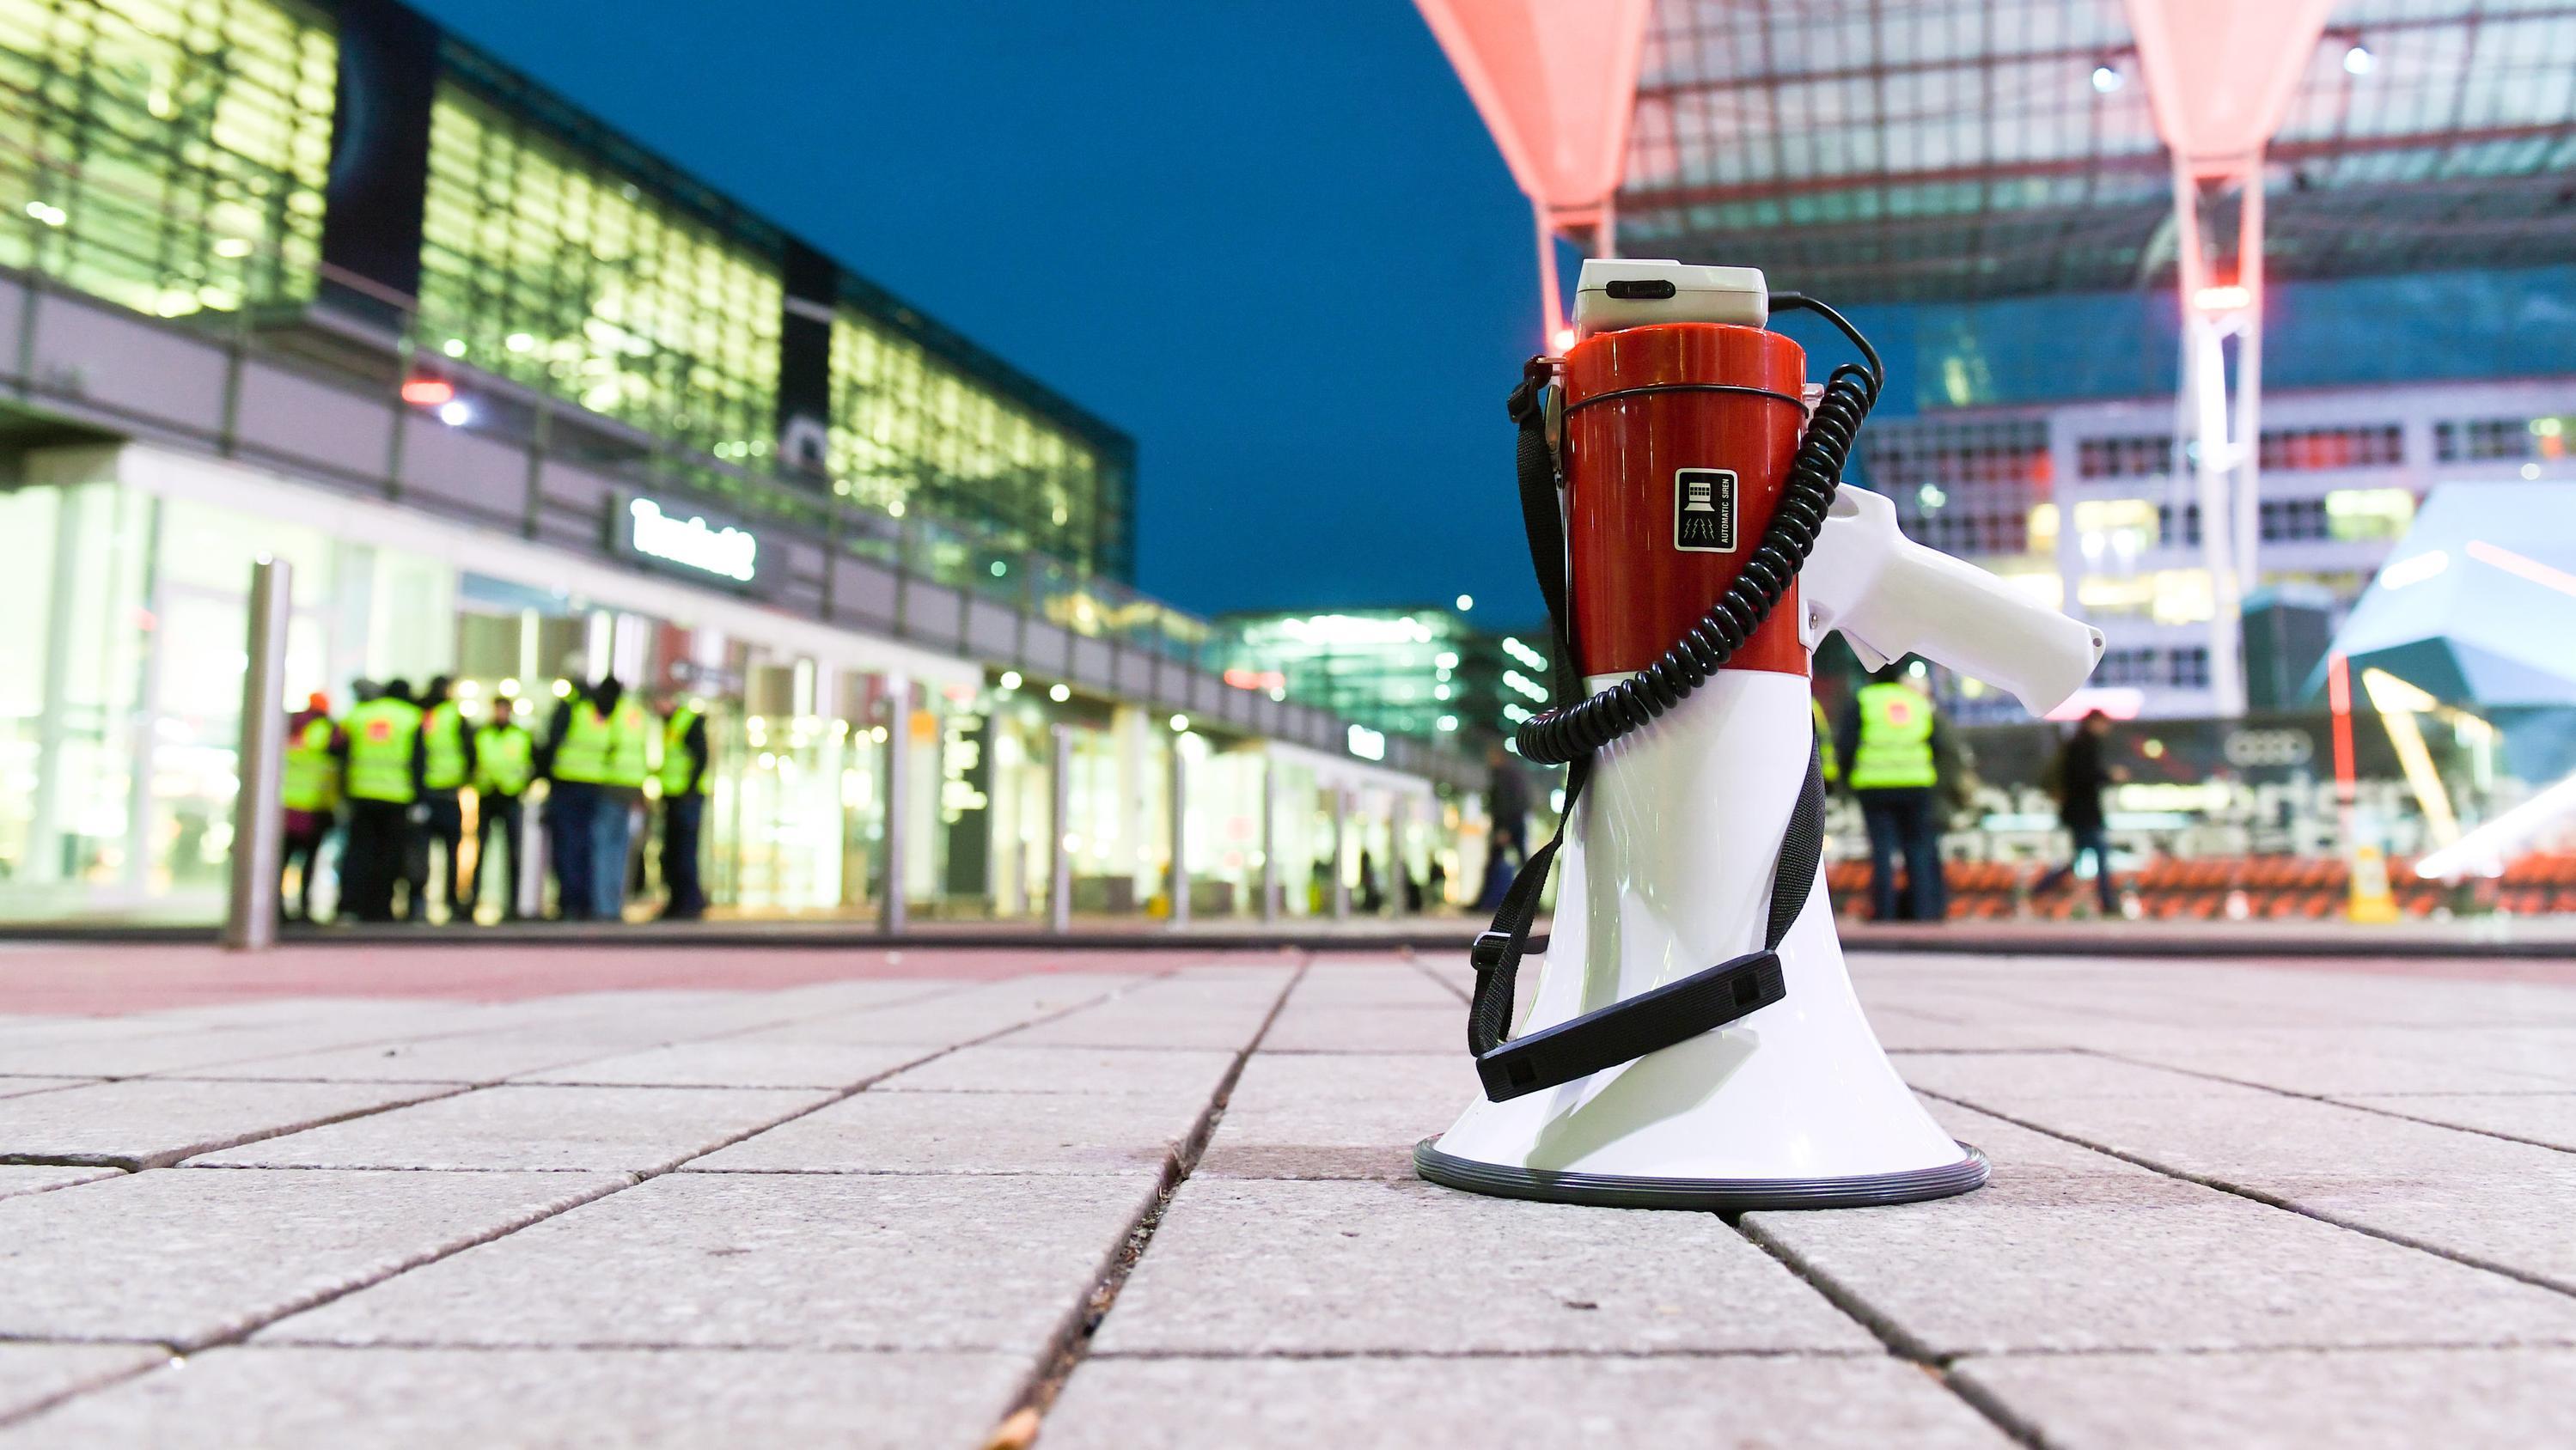 München: Ein Megafon steht am Flughafen auf dem Boden vor dem Terminal 2, vor dem Gebäude haben sich auch Mitarbeiter im Warnstreik versammelt.